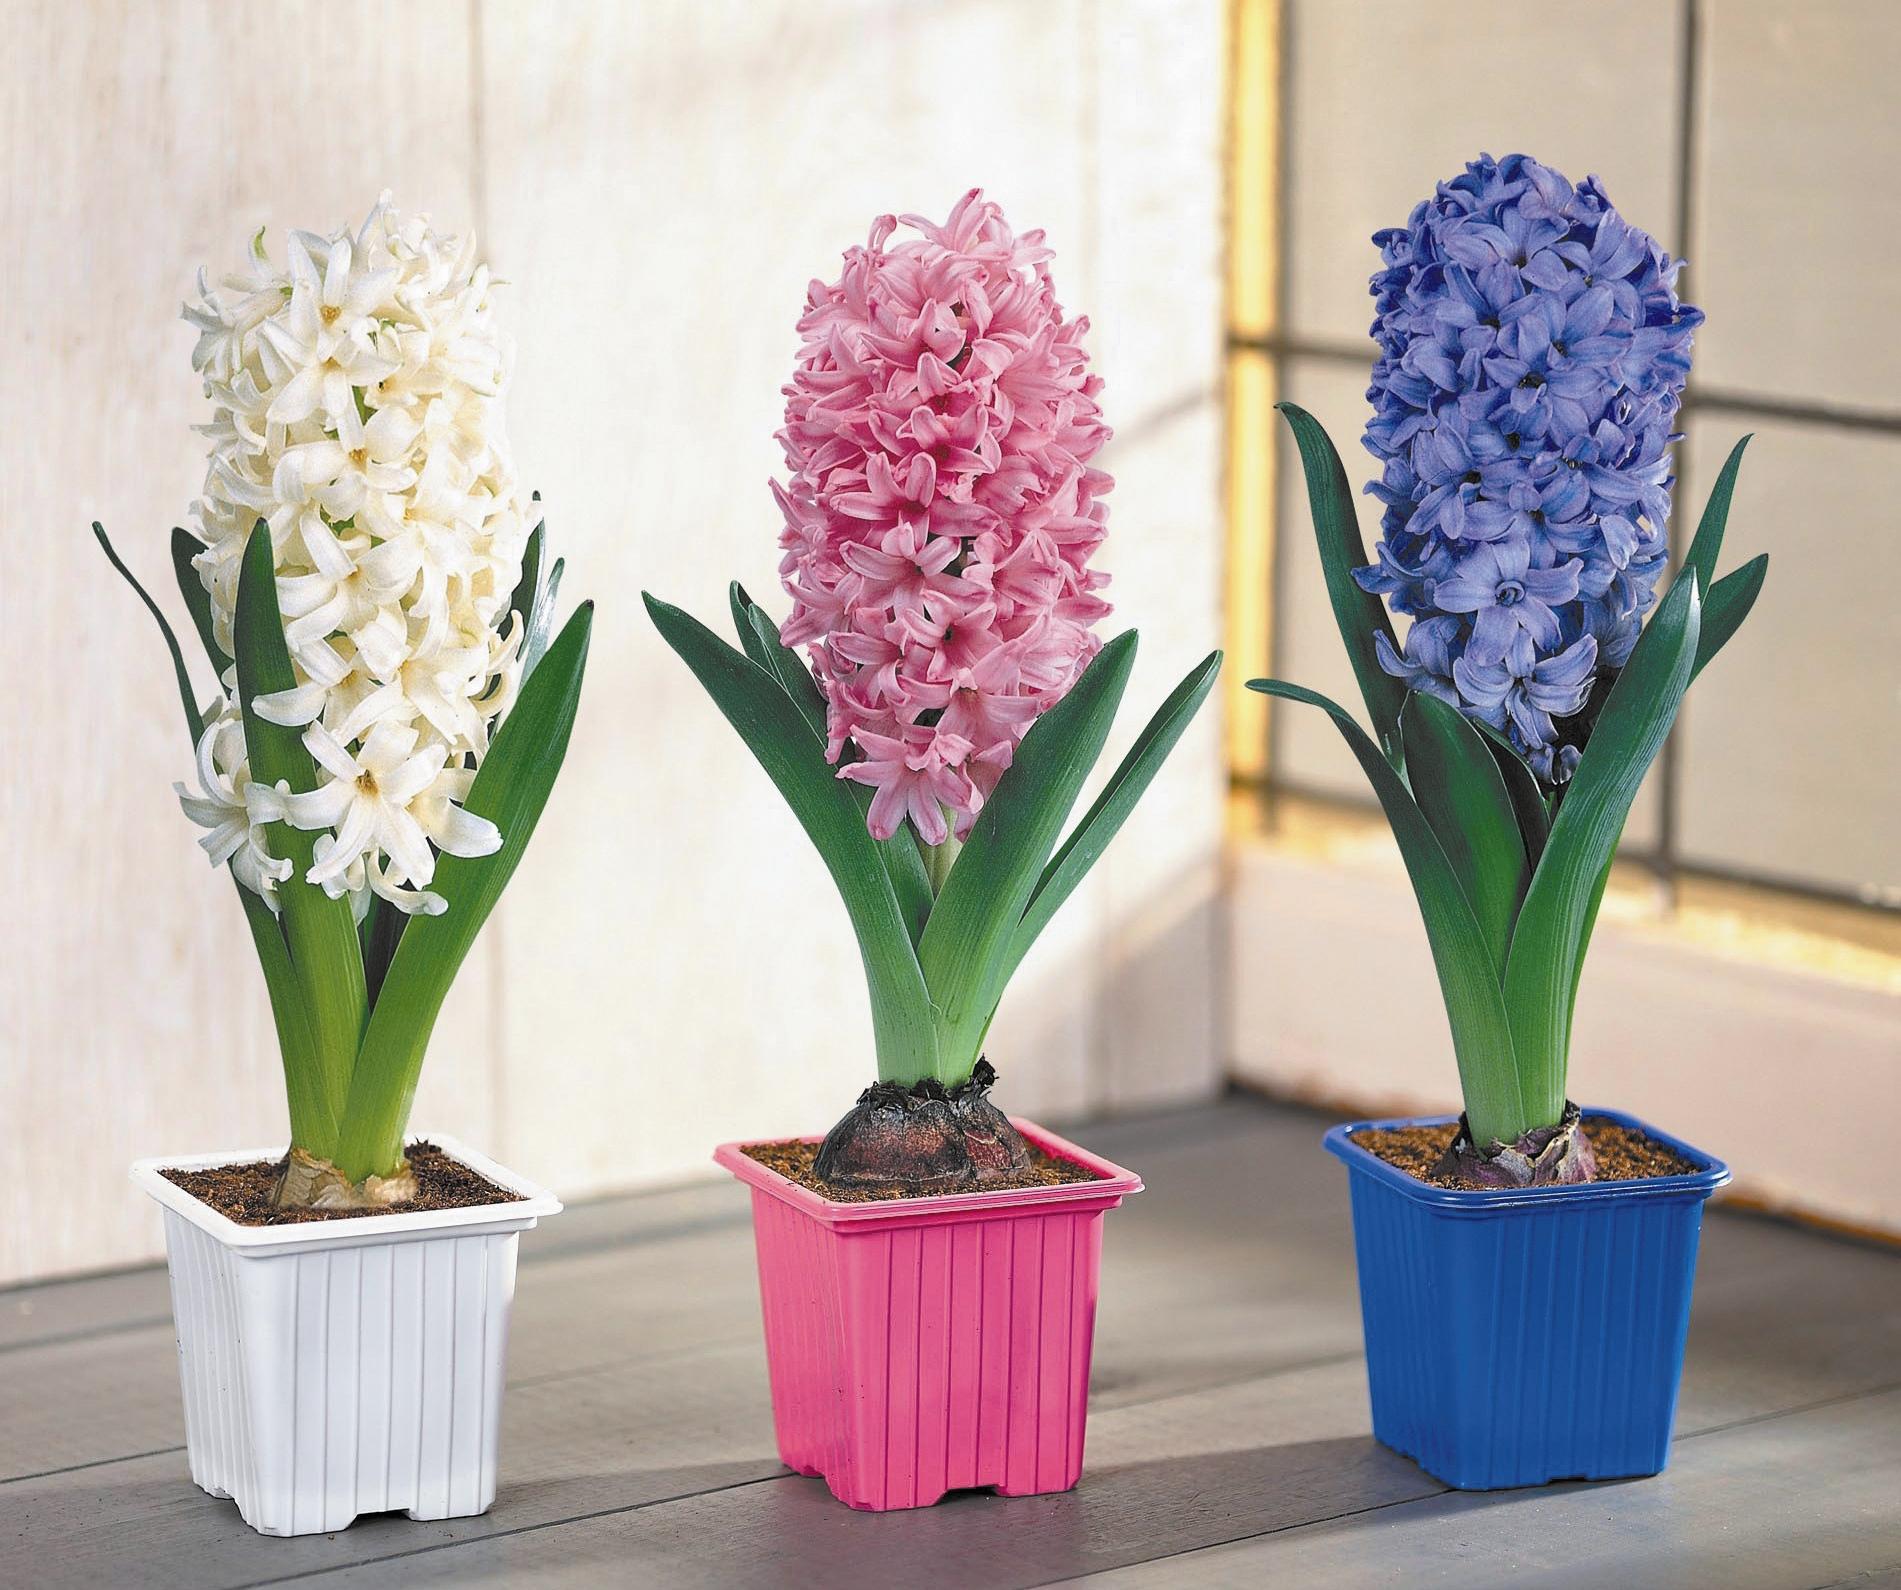 Рекламные ролики подарки и живые цветы цветы для букета невесты фото с названиями